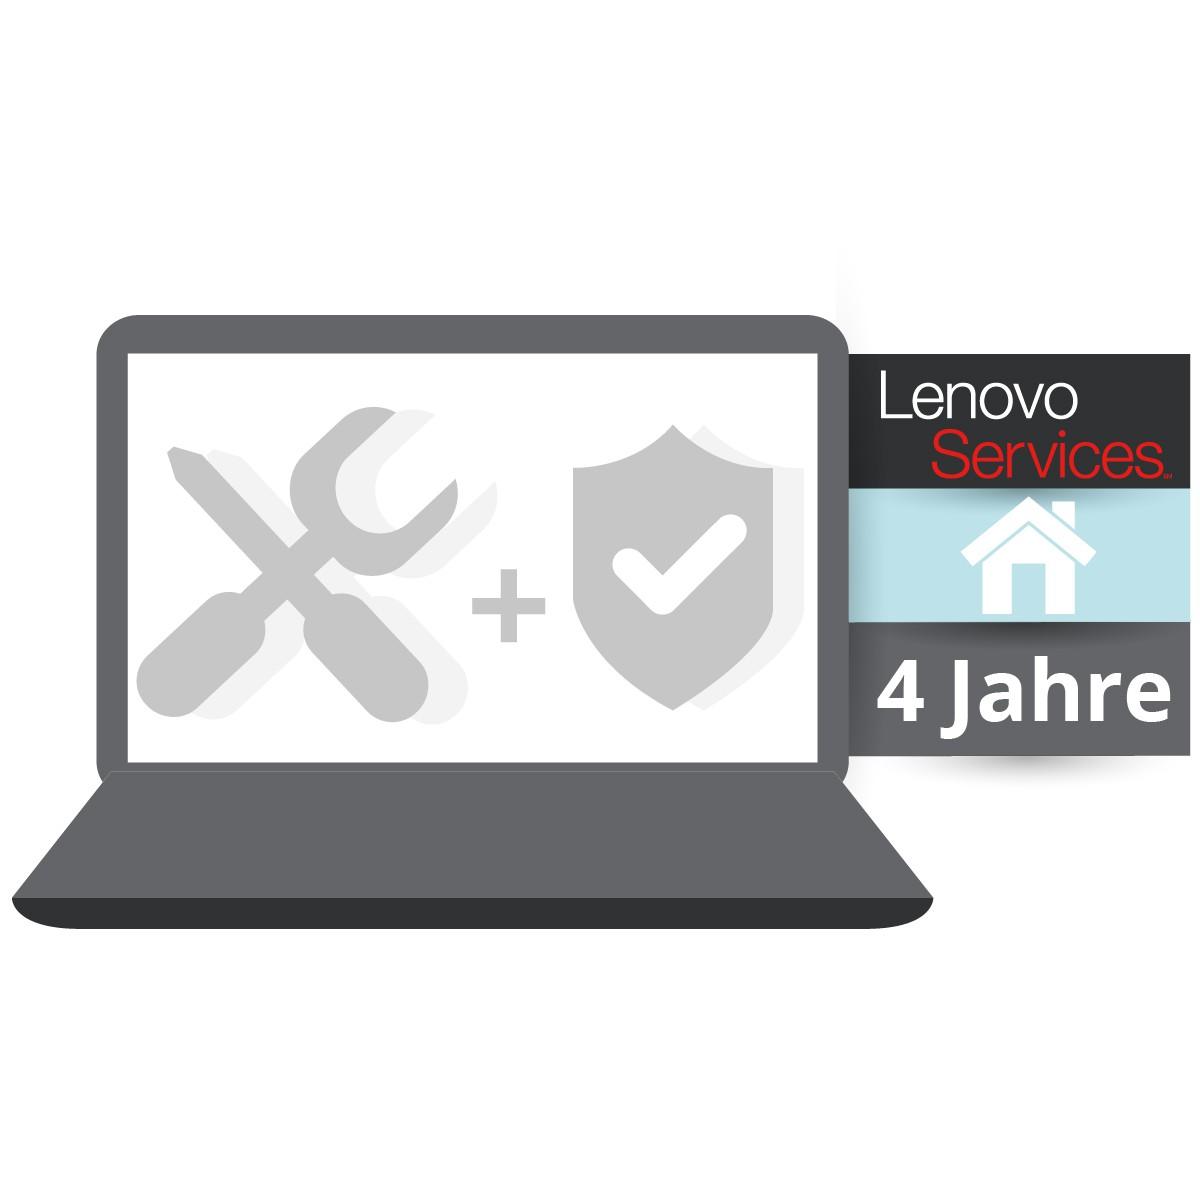 (EOL) Lenovo™ ThinkPlus® 4 Jahre Vor-Ort-Service (NBD) + Unfallschutz - Basisgarantie 3 Jahre Bring-